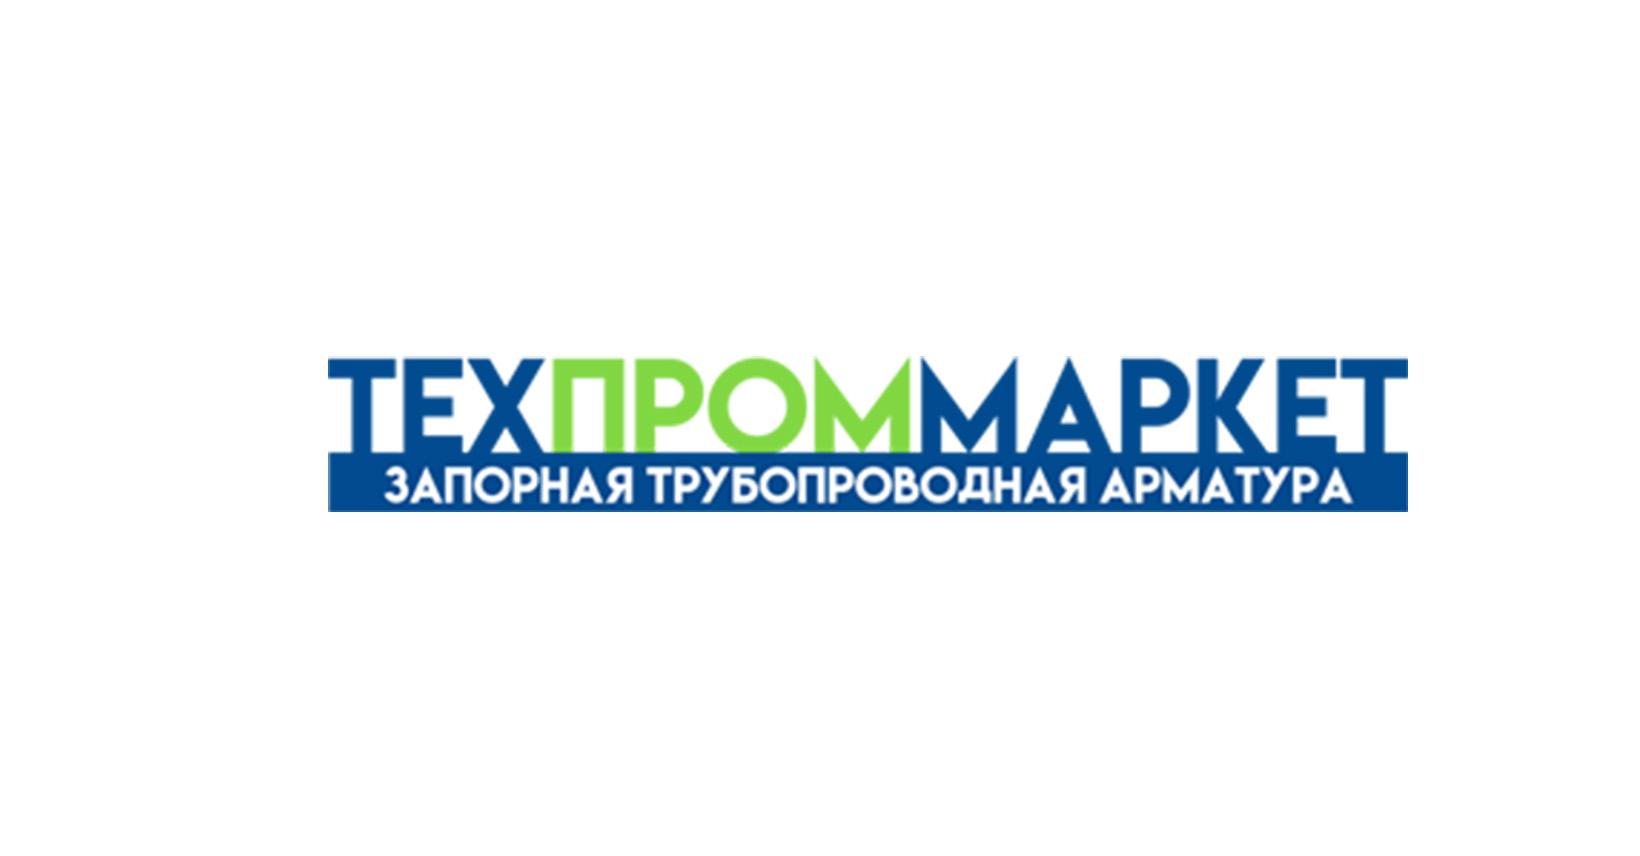 Интернет-магазин Техпроммаркет